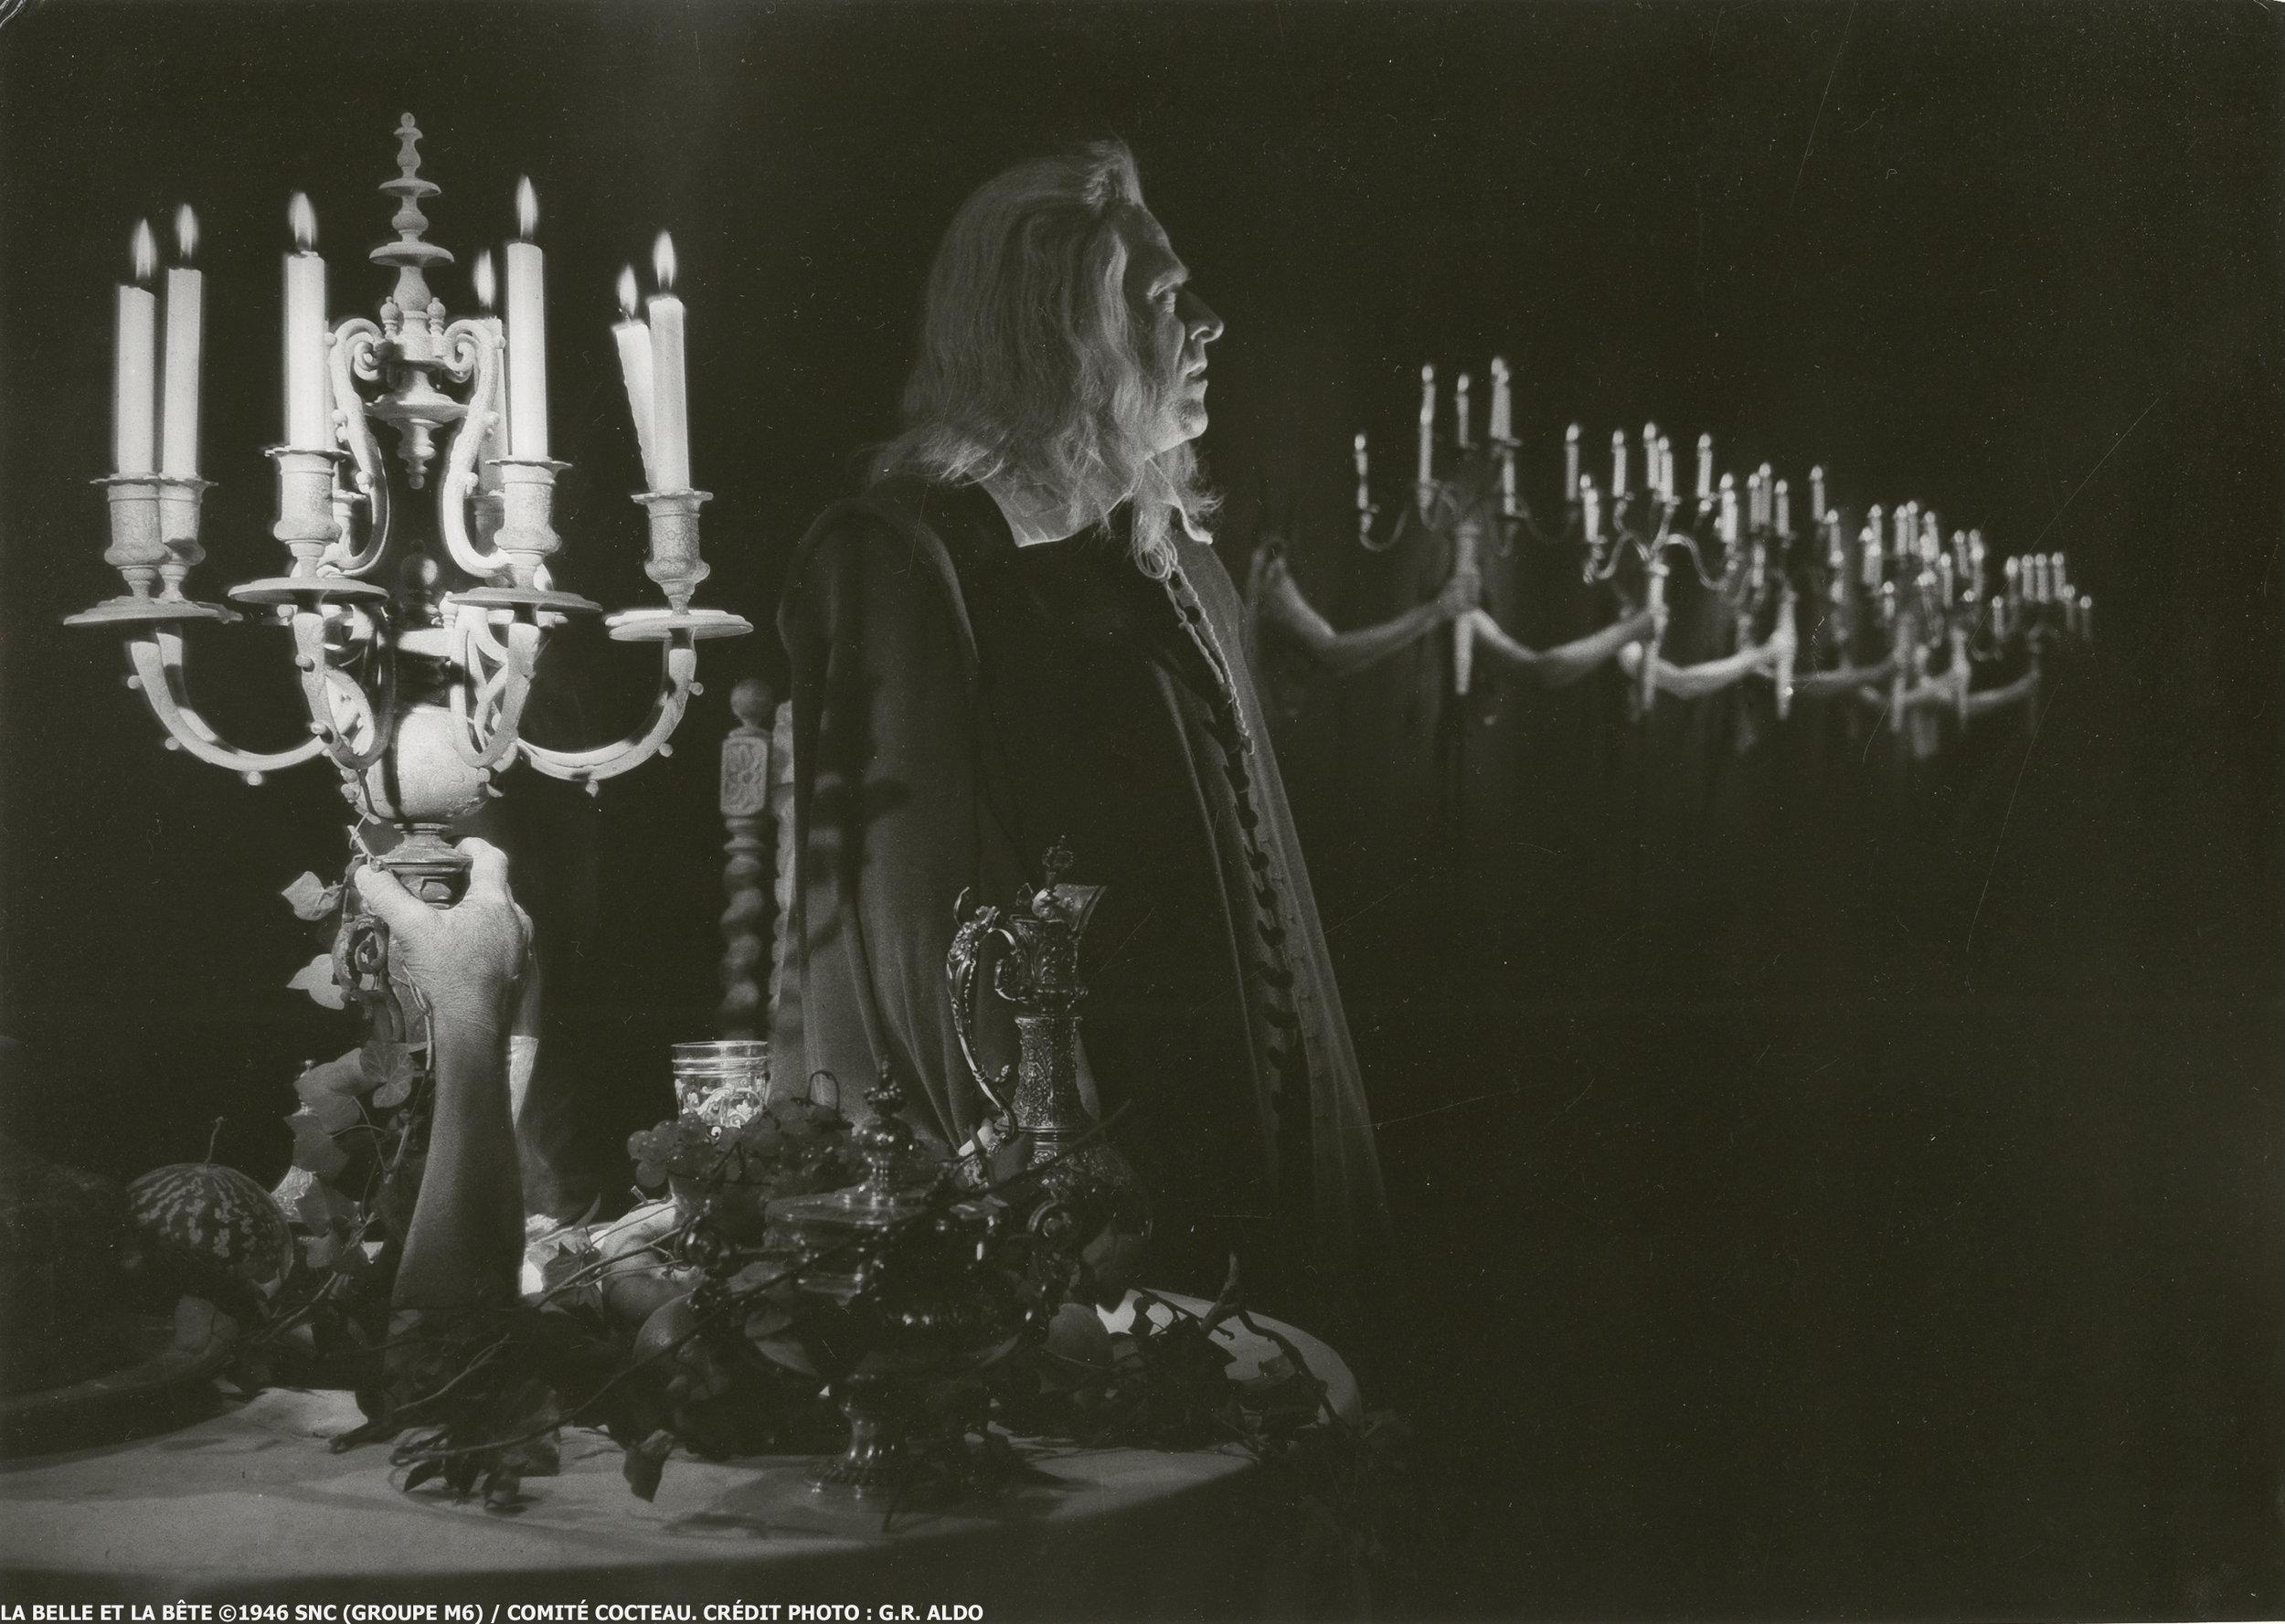 La Belle et la Bête, Jean Cocteau, 1946